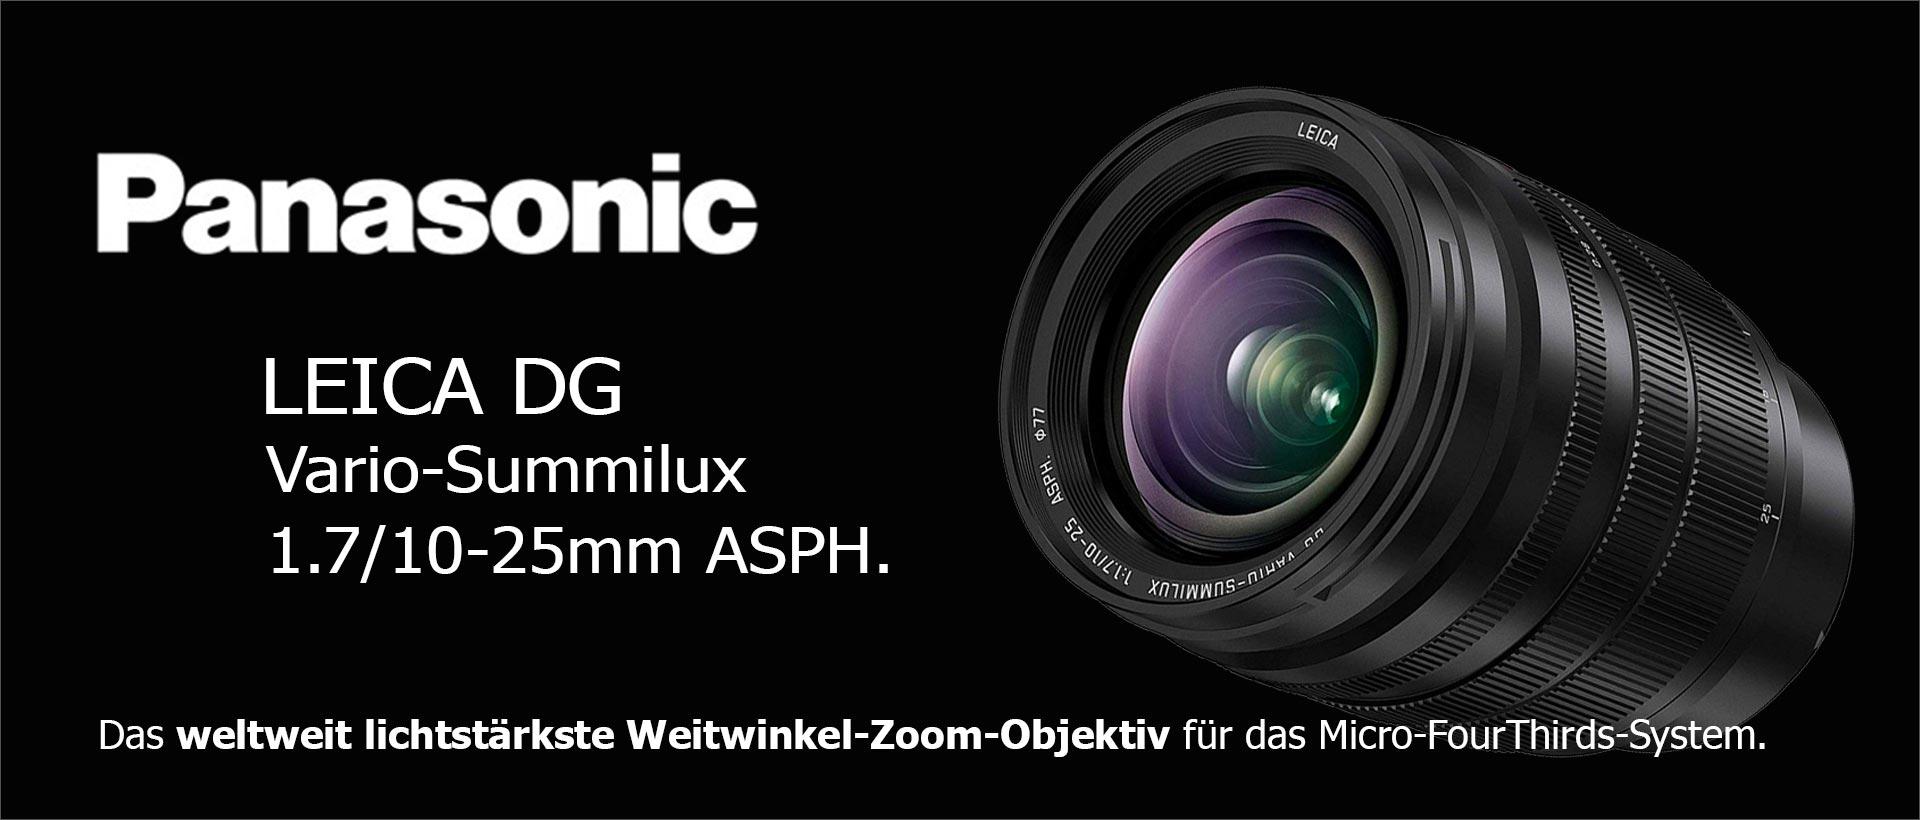 Panasonic Leica DG Vario-Summilux 1.7/10-25mm ASPH.